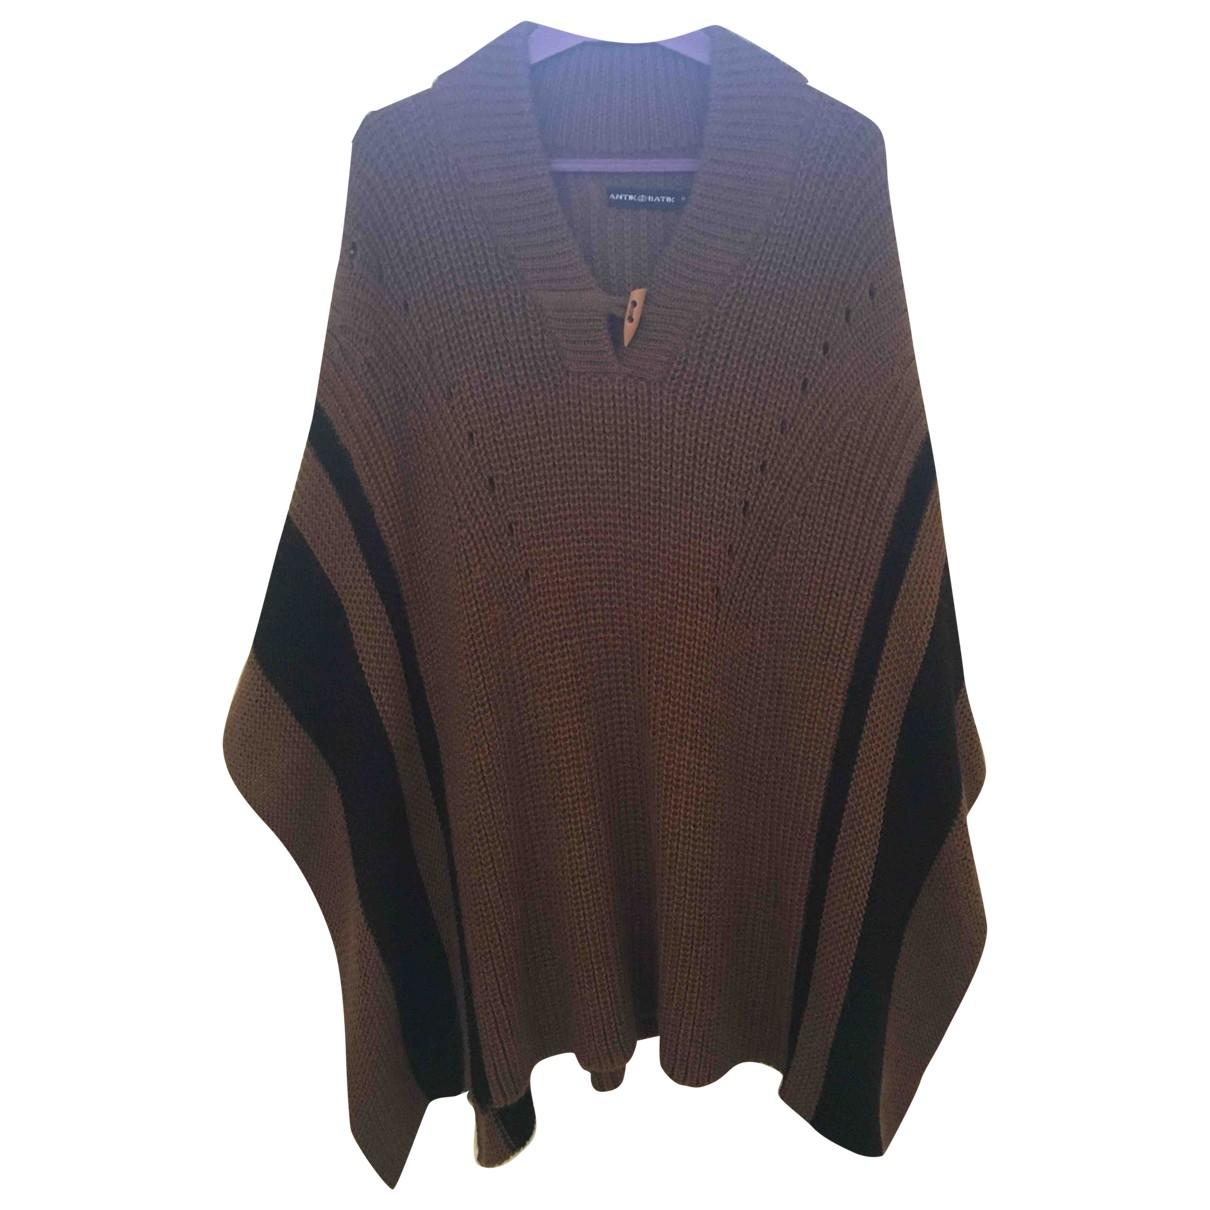 Antik Batik \N Brown Wool jacket for Women One Size International